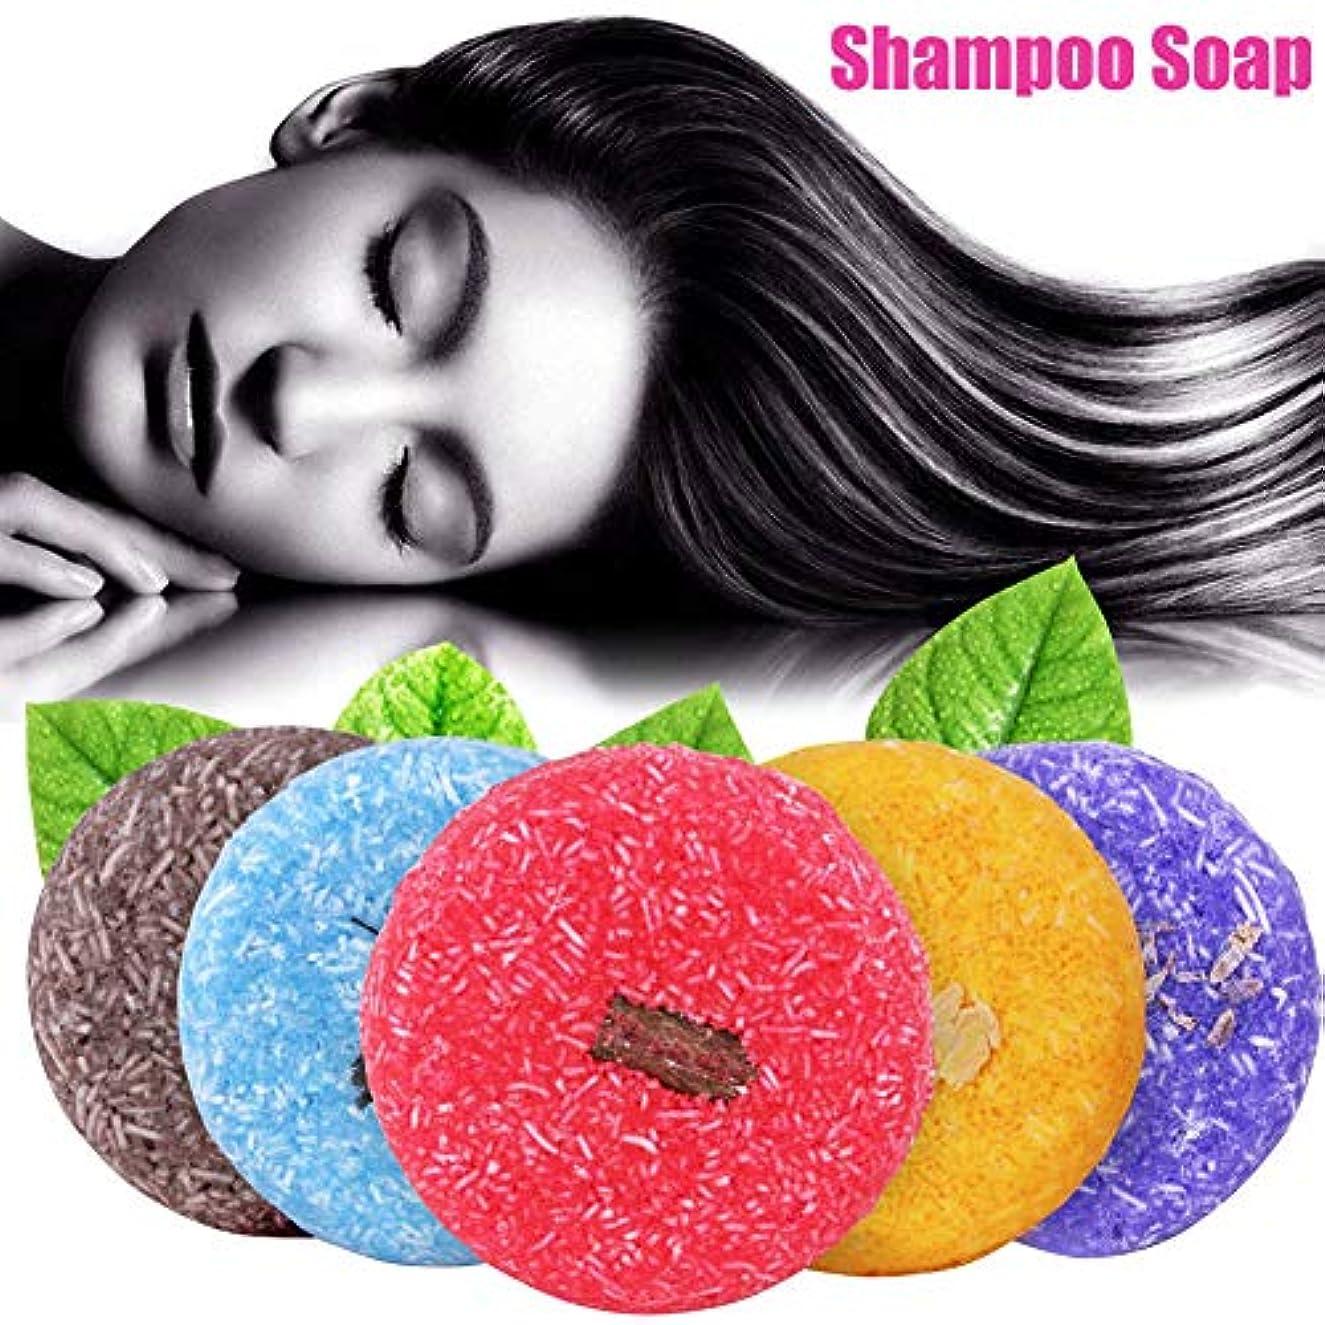 困惑する記録木製石鹸 - Delaman 洗髪石鹸、シャンプー、頭皮ケア、ビューティ、クリームバー、センシティブマイルド、14種類、男女兼用 (Color : #4ジャスミン(JASMINE))